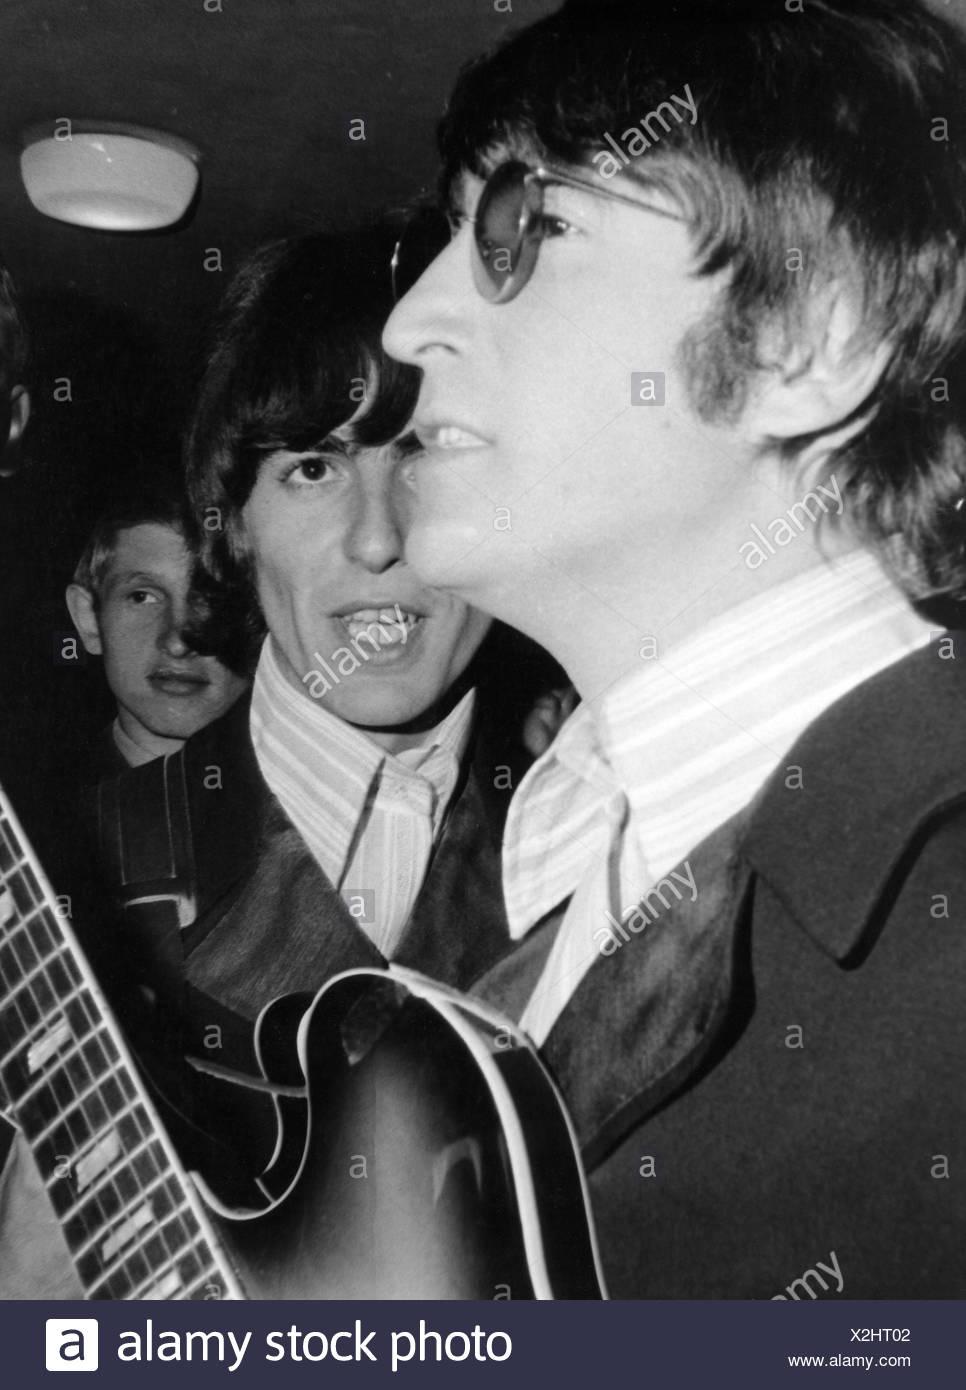 The Beatles Music Pop Group Band Concert Germany Essen 1966 John Lennon Singer